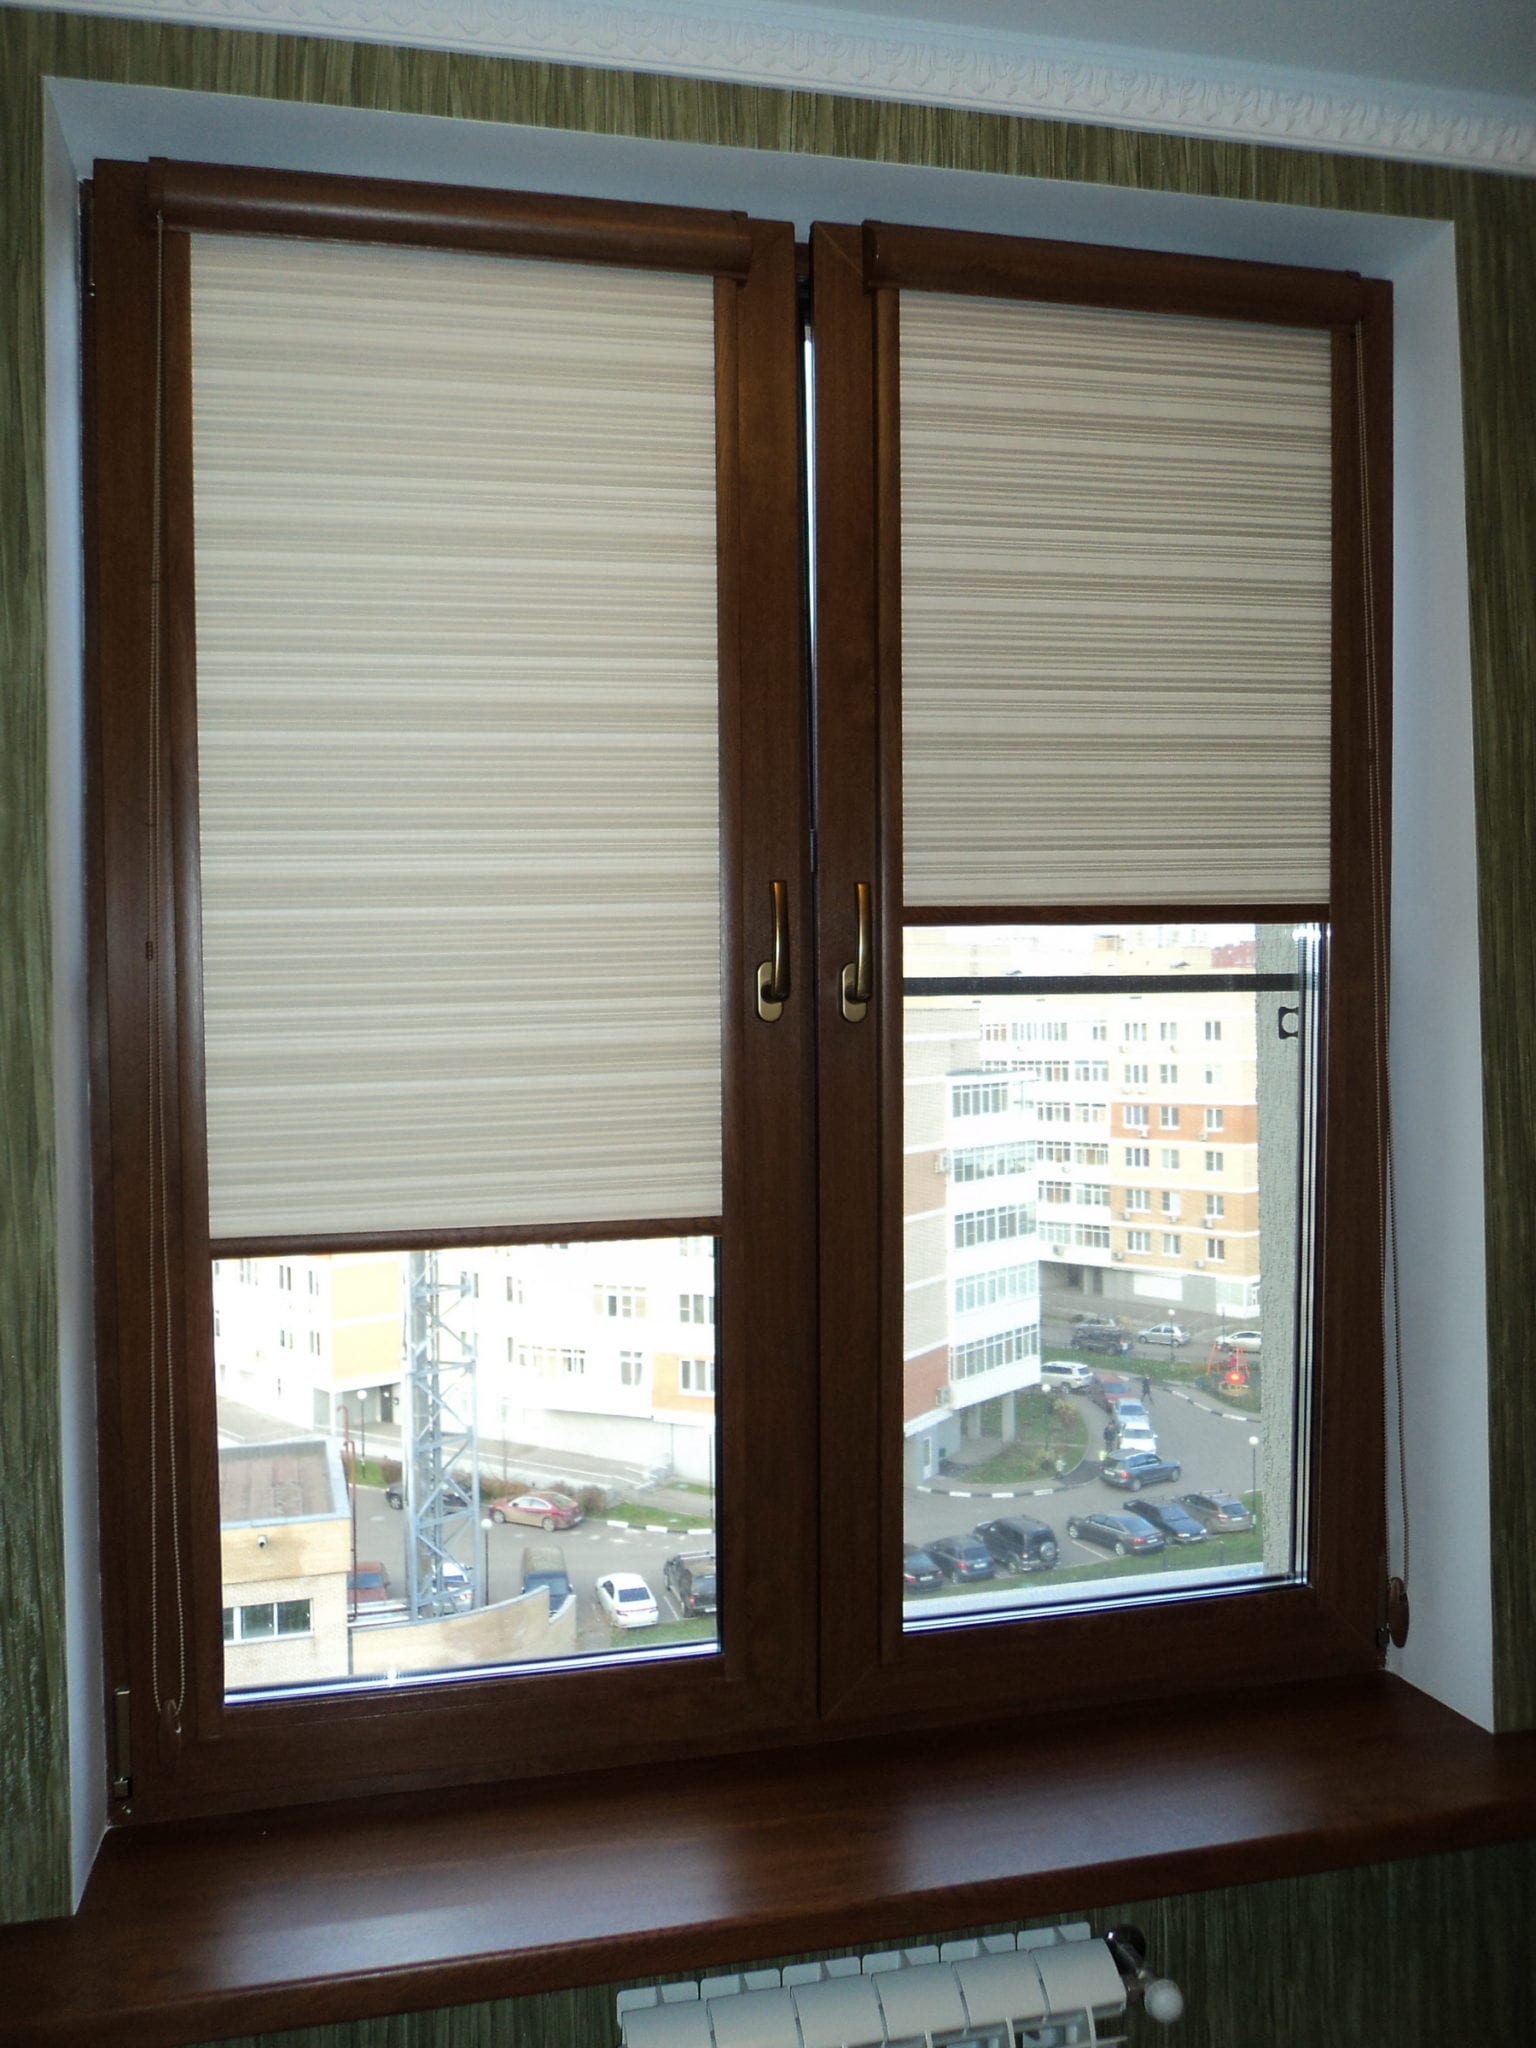 Ремонт штор в Москве по низким ценам.